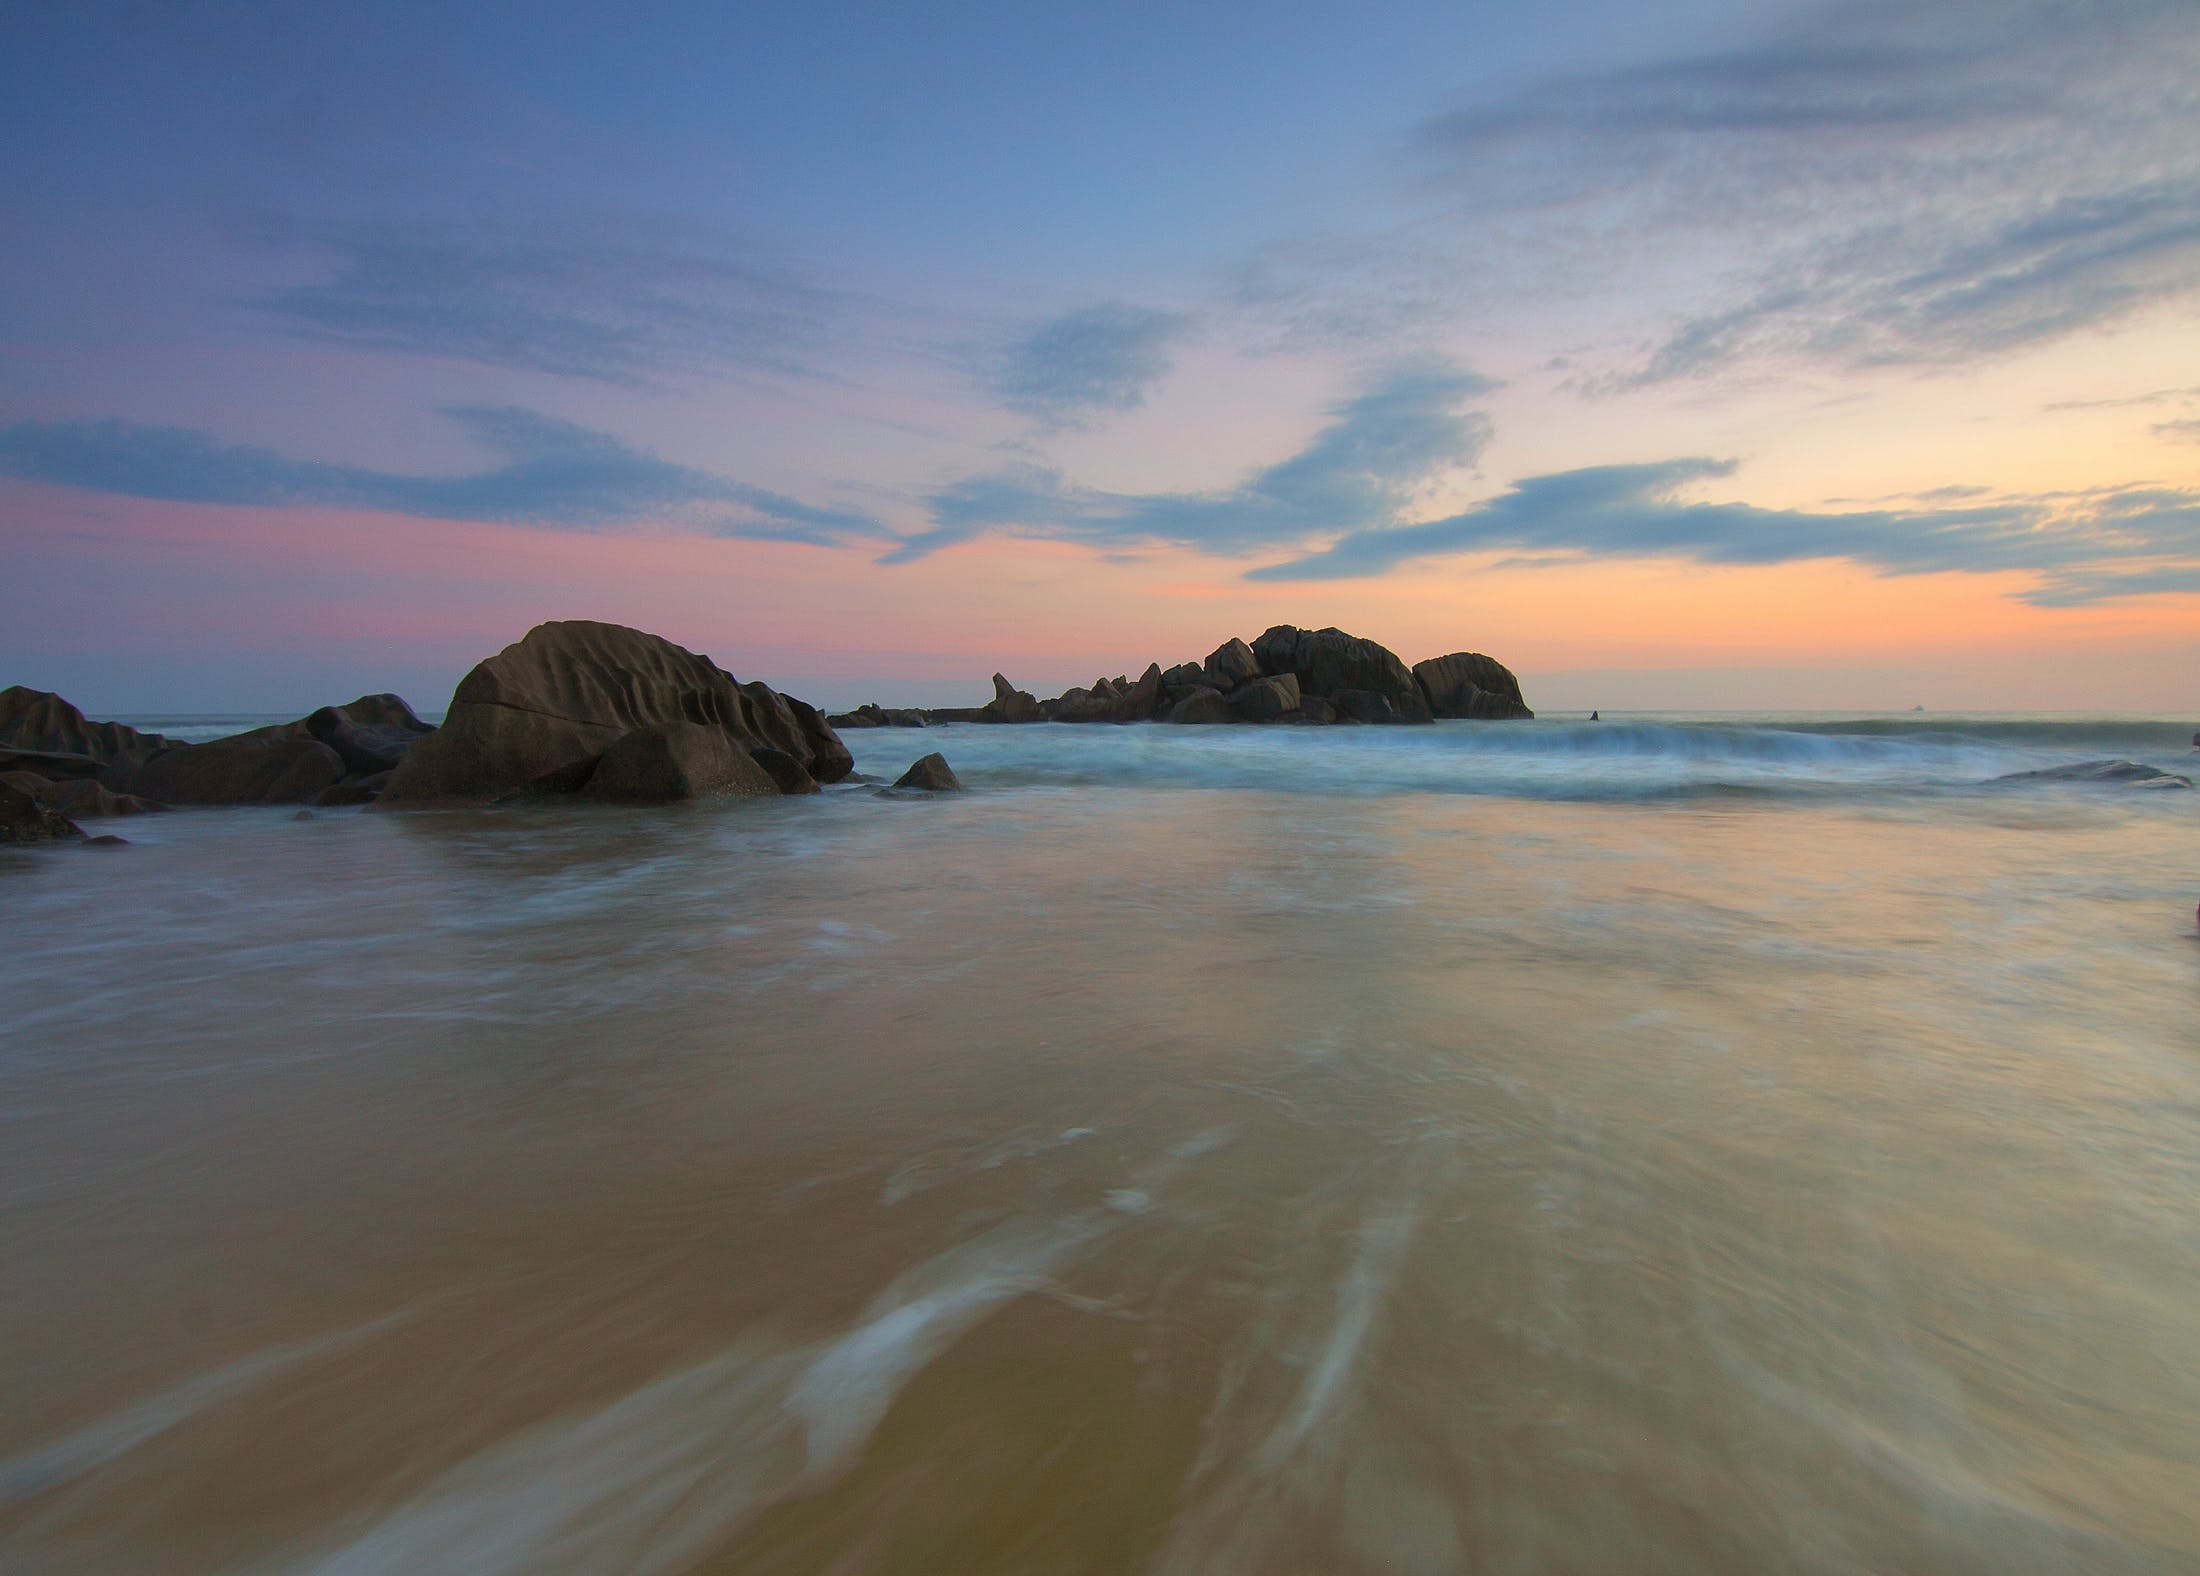 天性, 天空, 岩石, 招手 的 免費圖庫相片